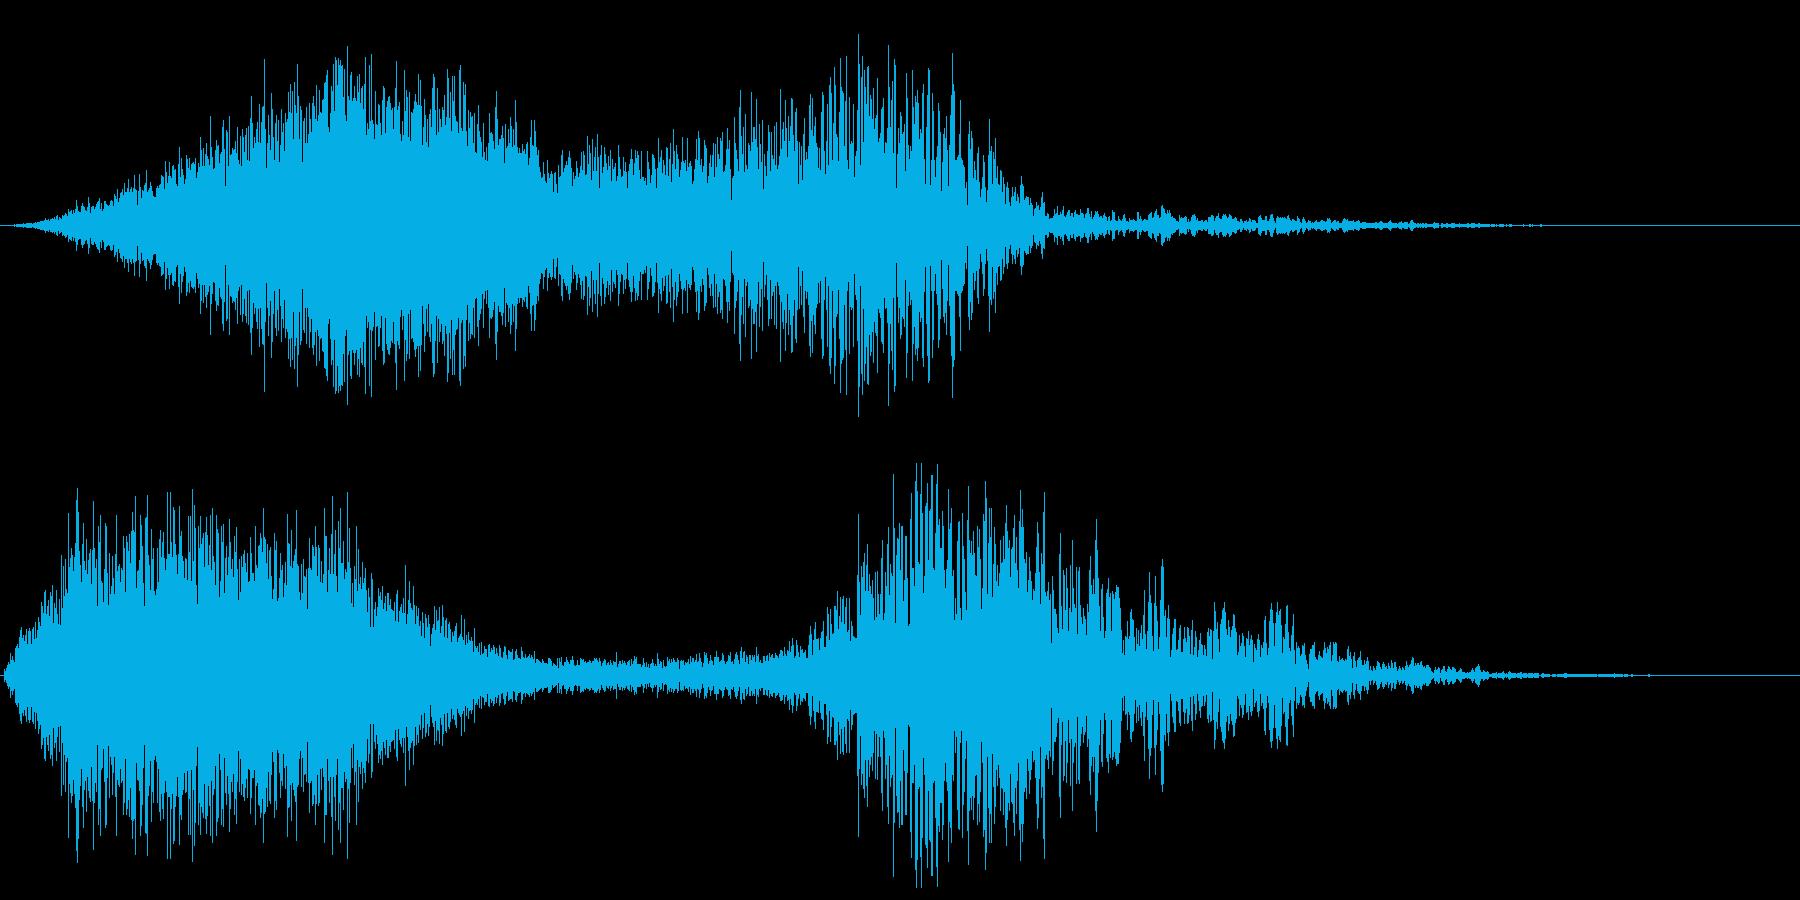 ぶわぁピュゥゥ(パイプオルガンと風)の再生済みの波形